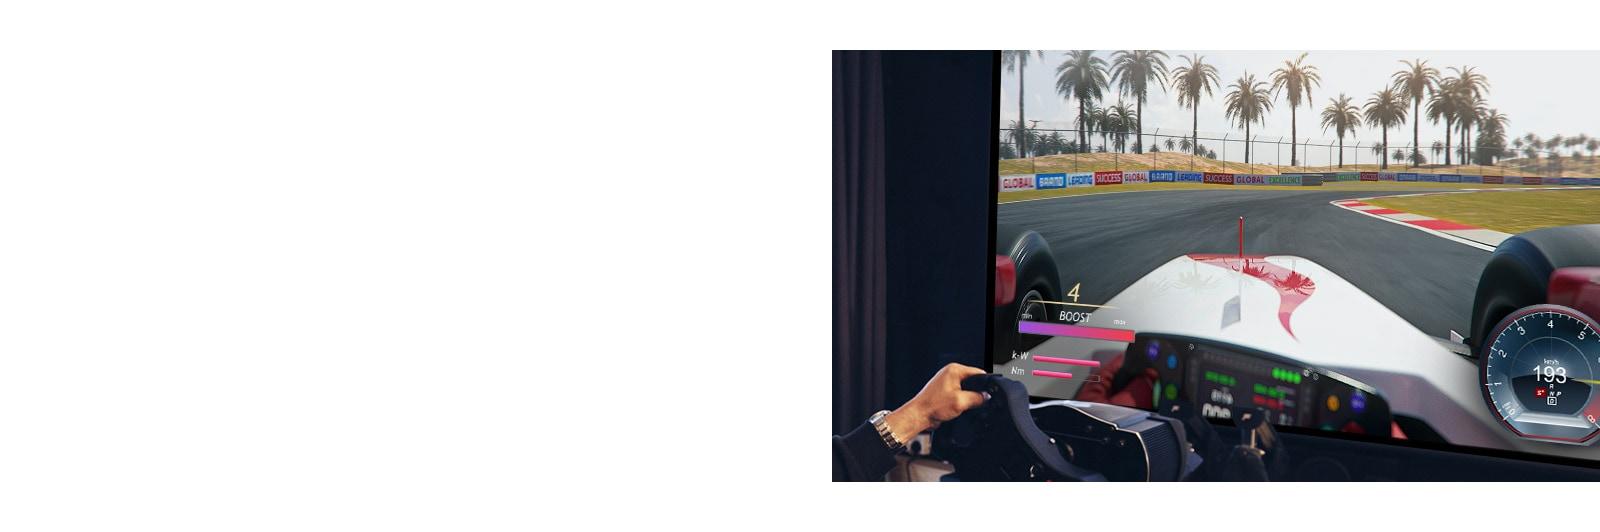 Pogled od blizu na igralca, ki drži dirkalno kolo in igra dirkalno igro na TV zaslonu.